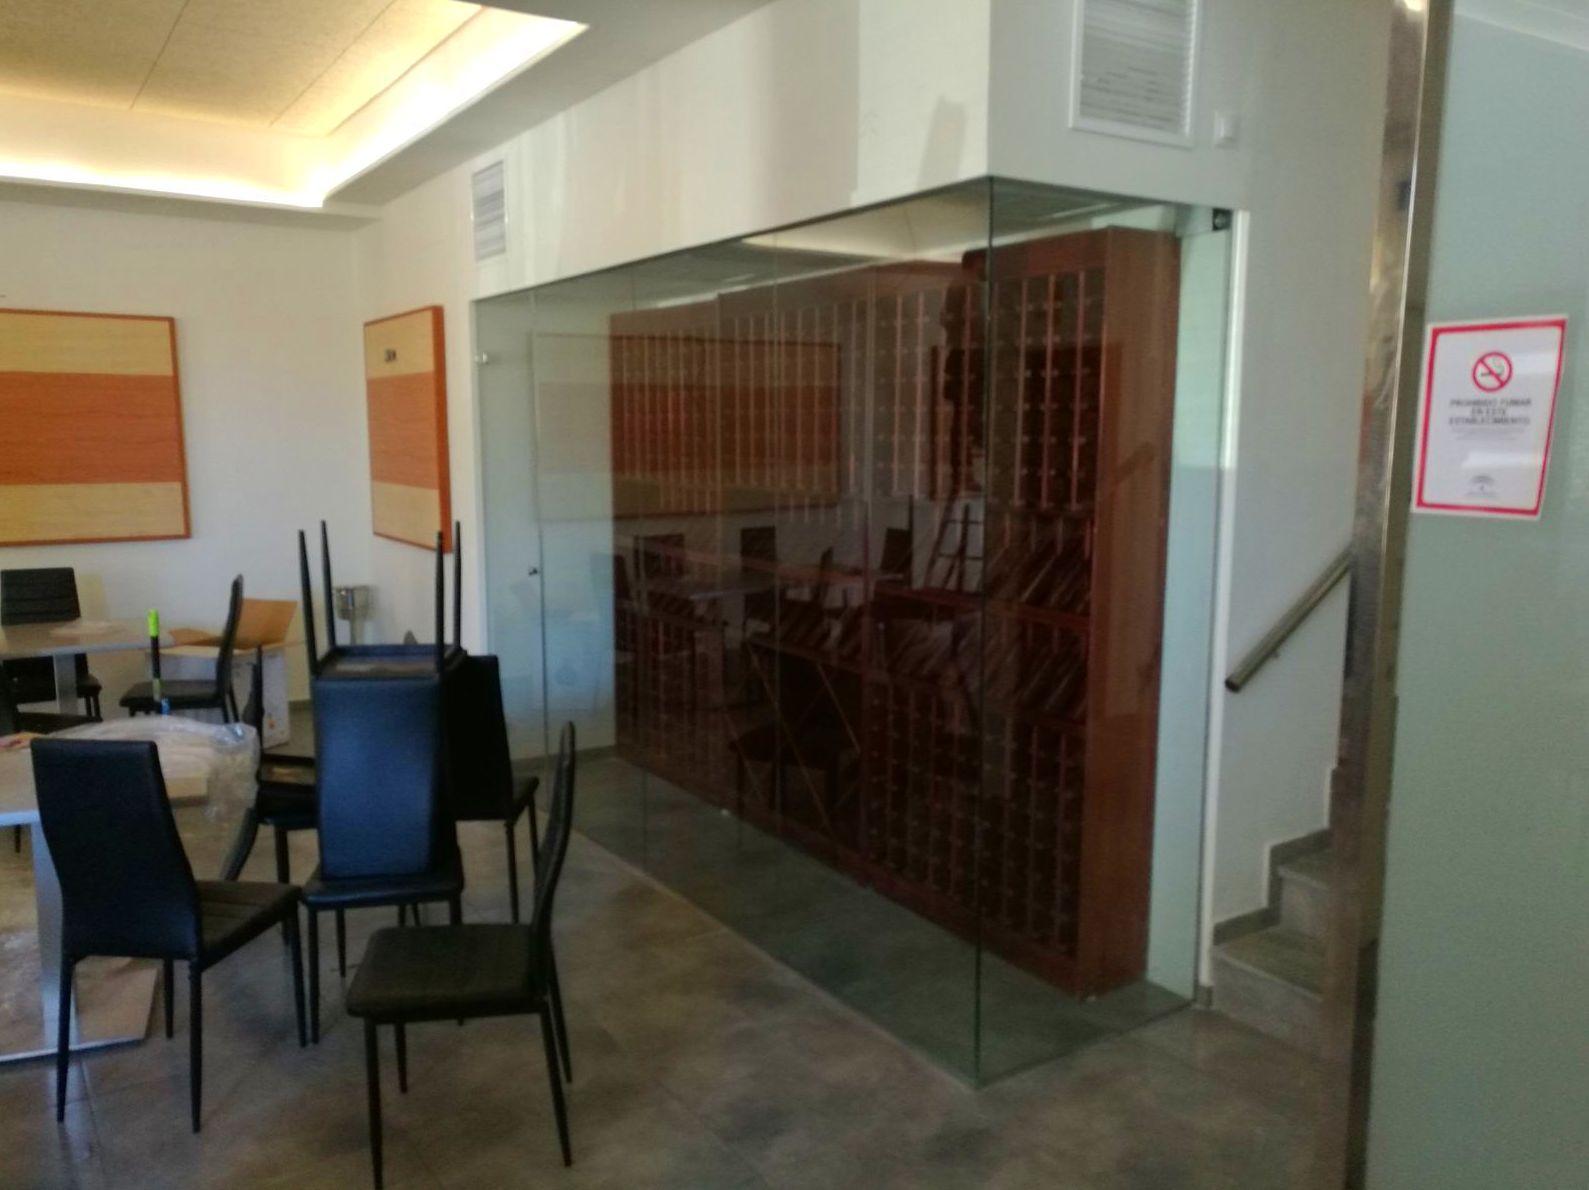 Foto 31 de Glassworks en Malaga | Cristalería Juanco